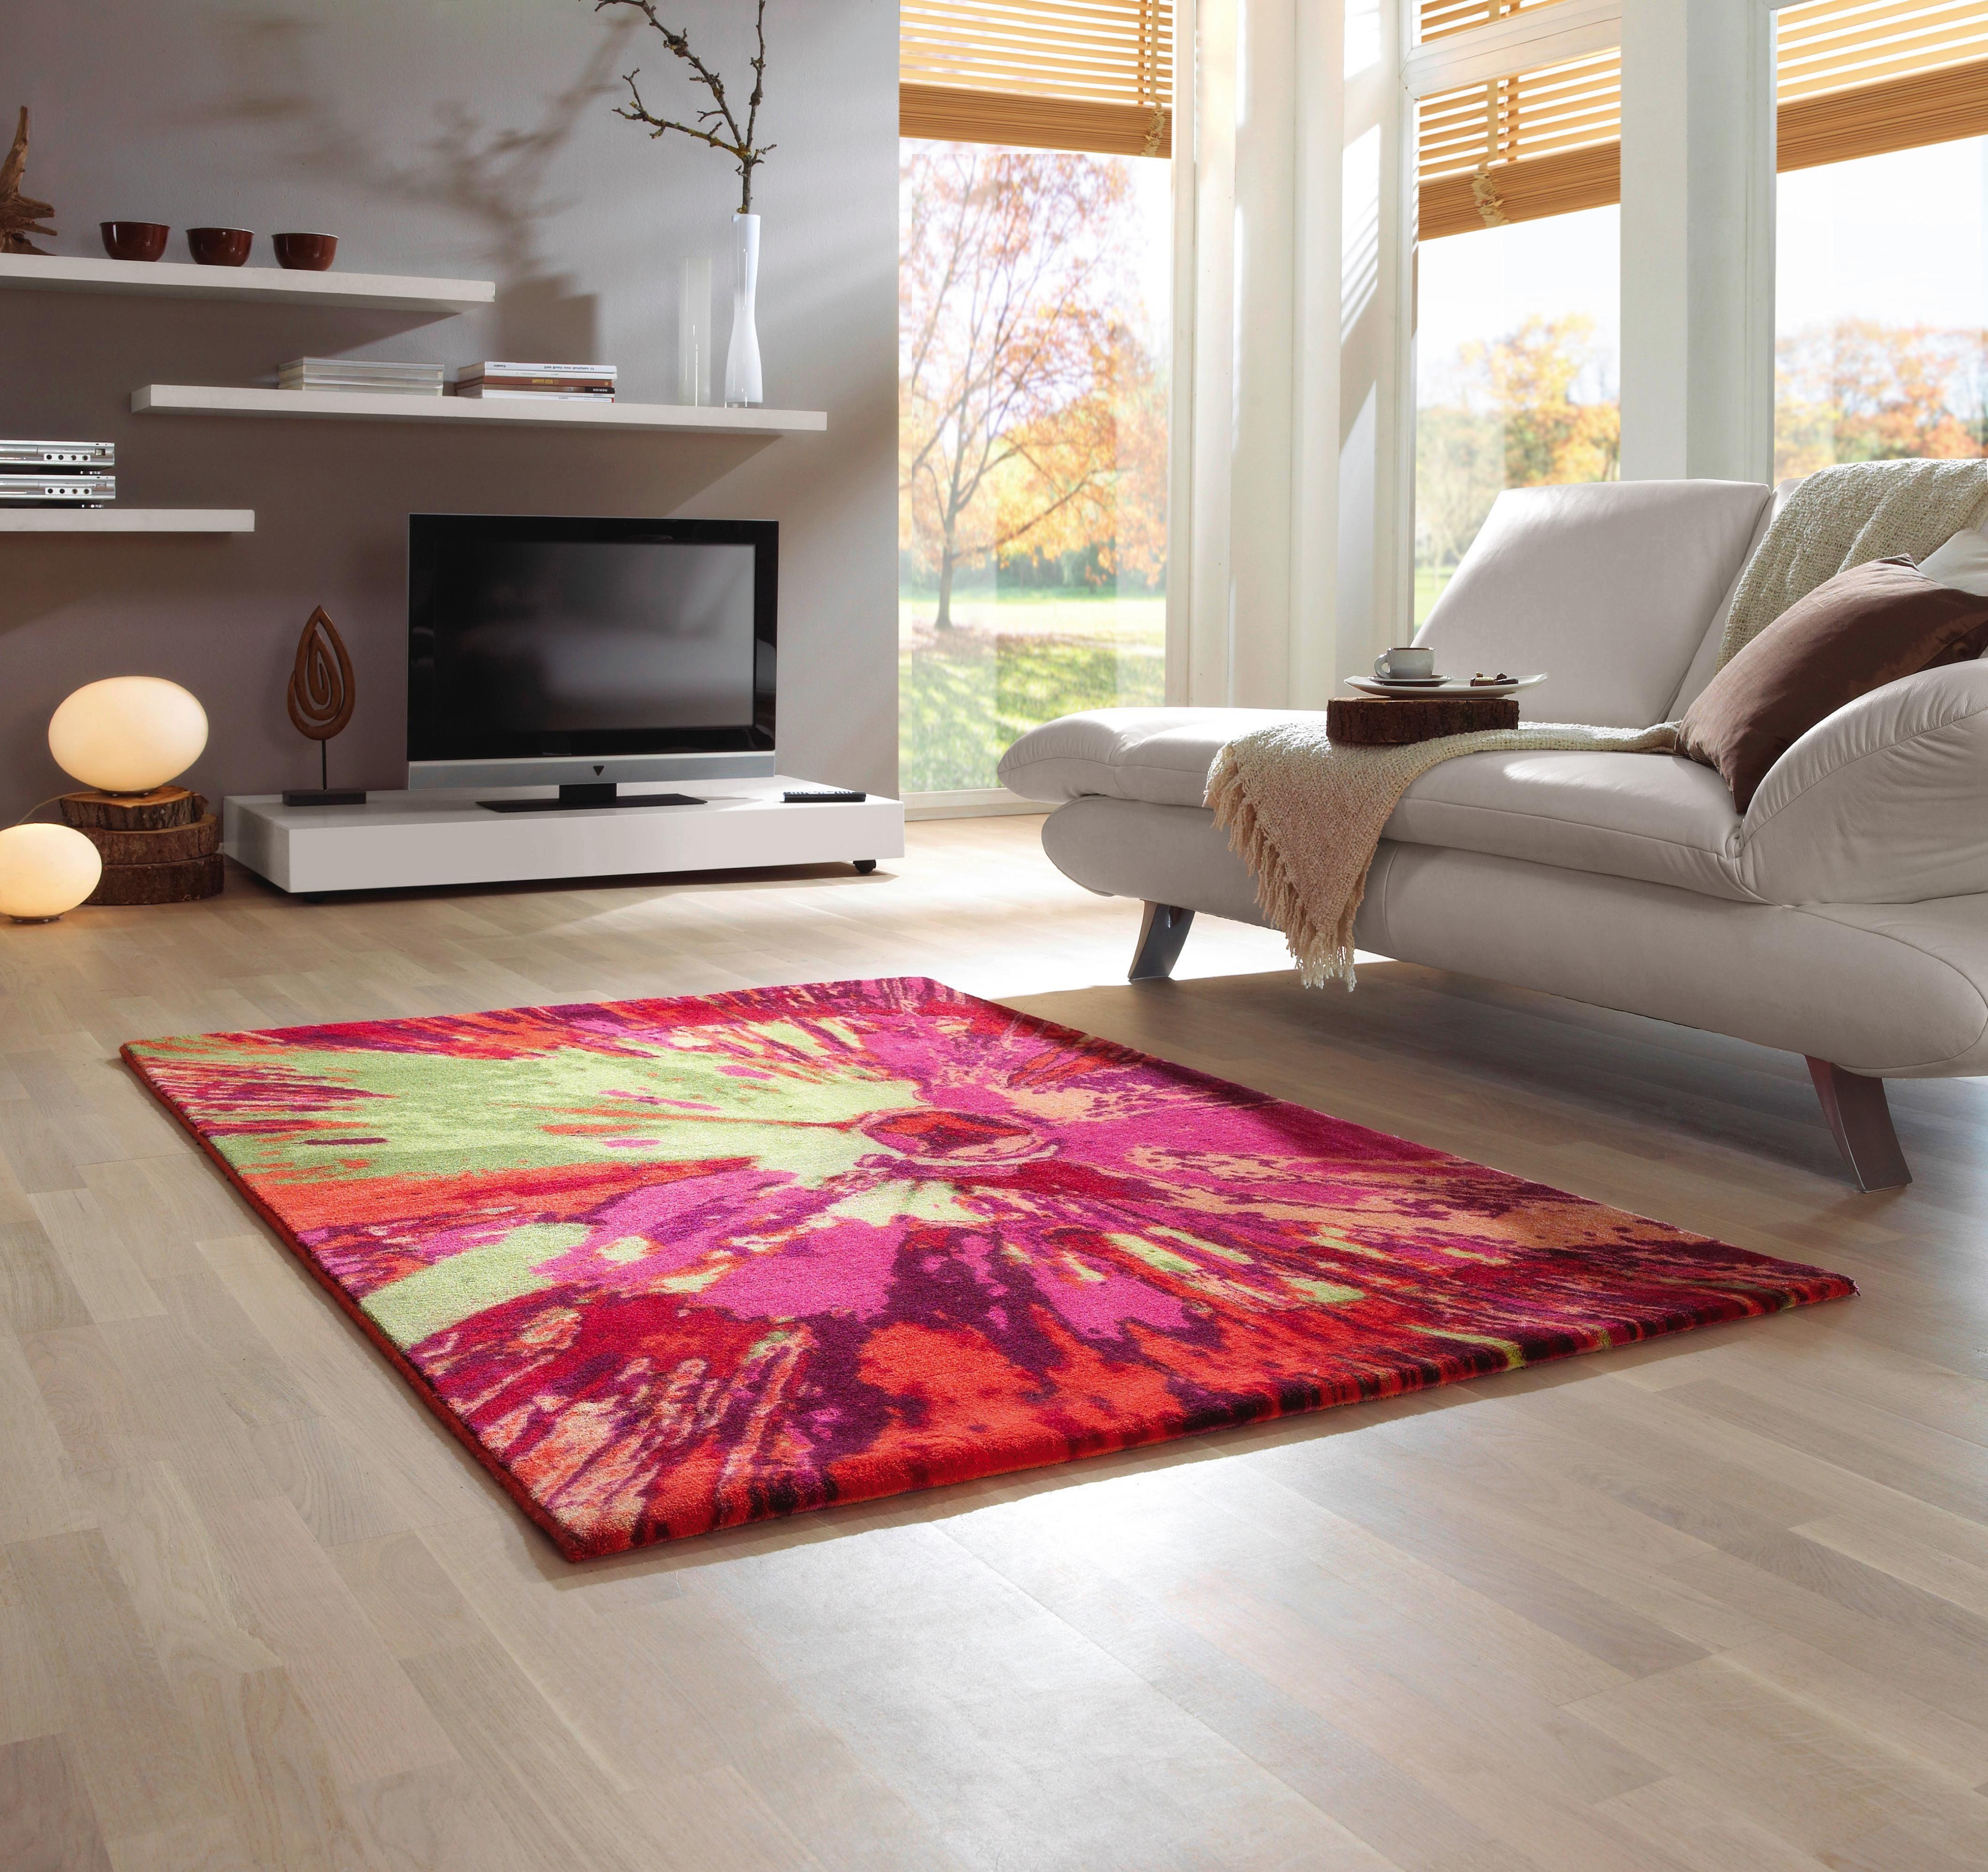 Bringen Sie Farbe Und Fröhlichkeit Auf Ihren Fußboden! Dieser Ausgefallene  Teppich Setzt Ein Kreatives Statement